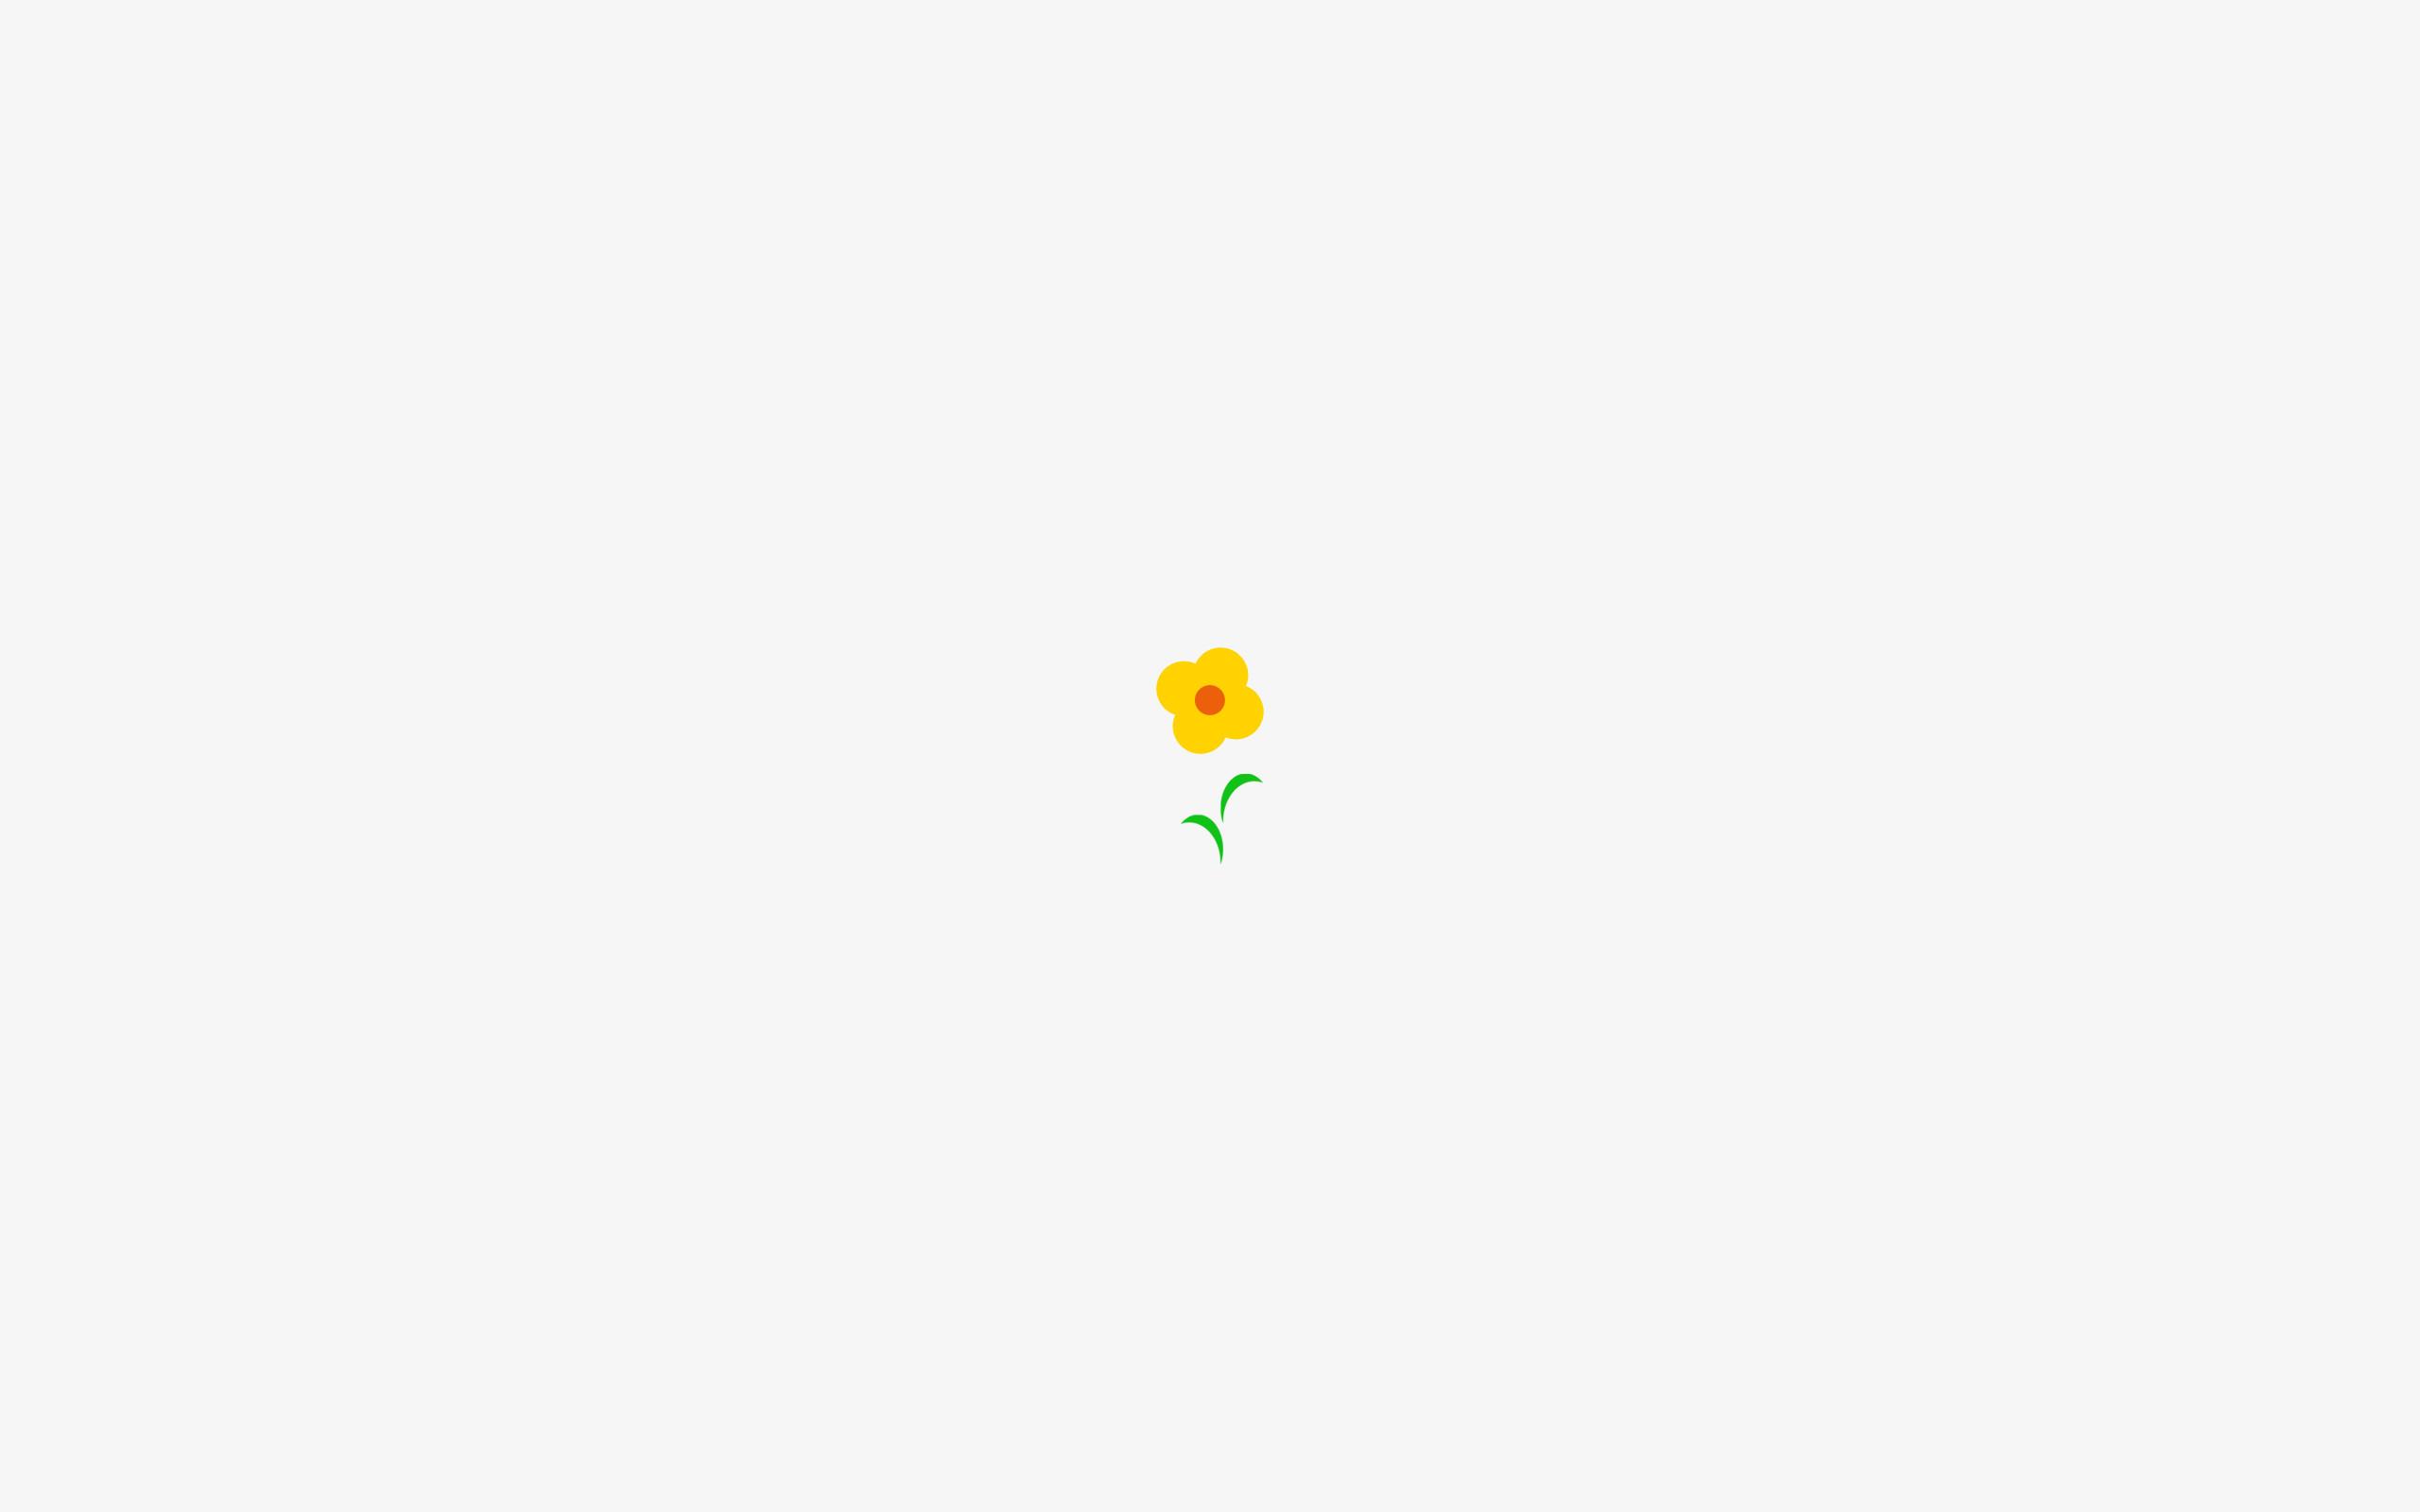 2560x1600 mint white minimal watercolour floral wreath bloom desktop wallpaper backg. Simple Desktop Wallpaper (84+ pictures)